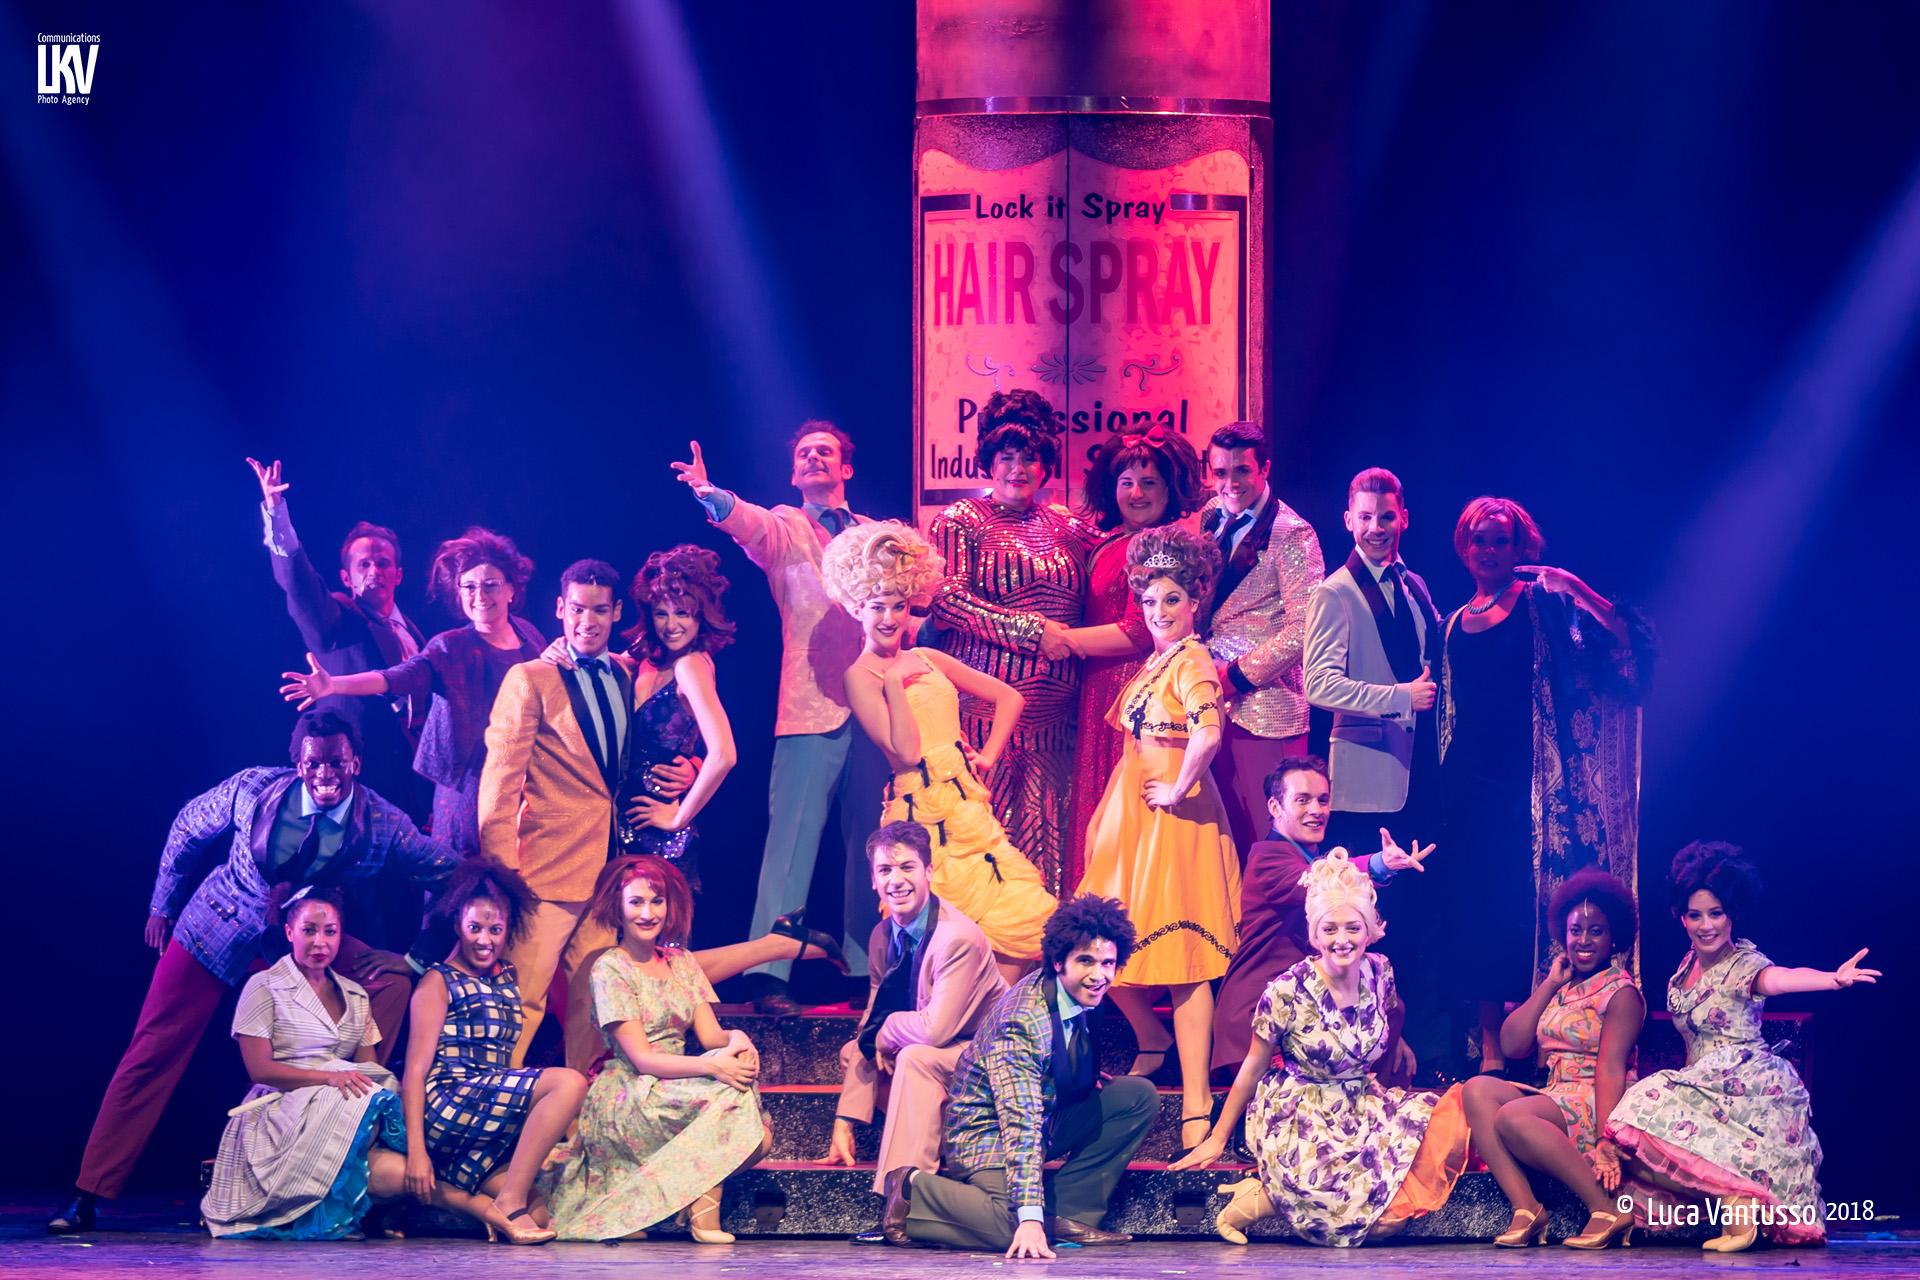 Hairspray-teatro-Brancaccio-Roma